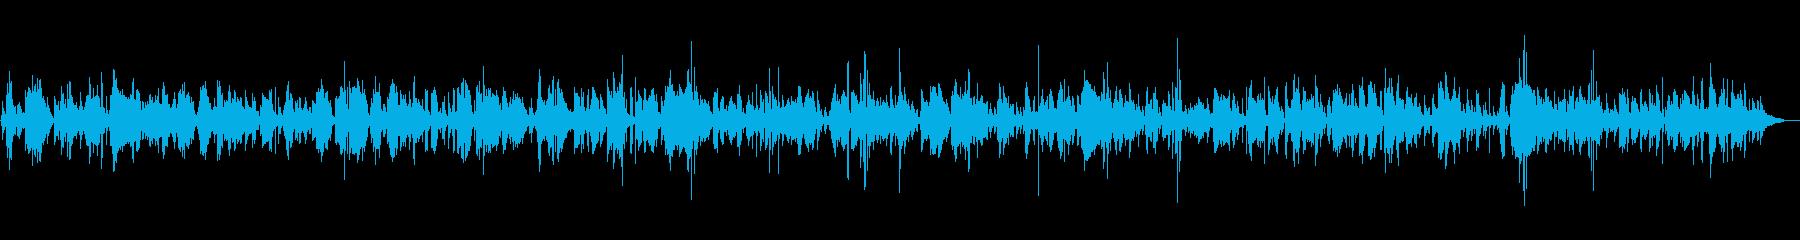 JAZZ|官能的な大人のサックスBGMの再生済みの波形